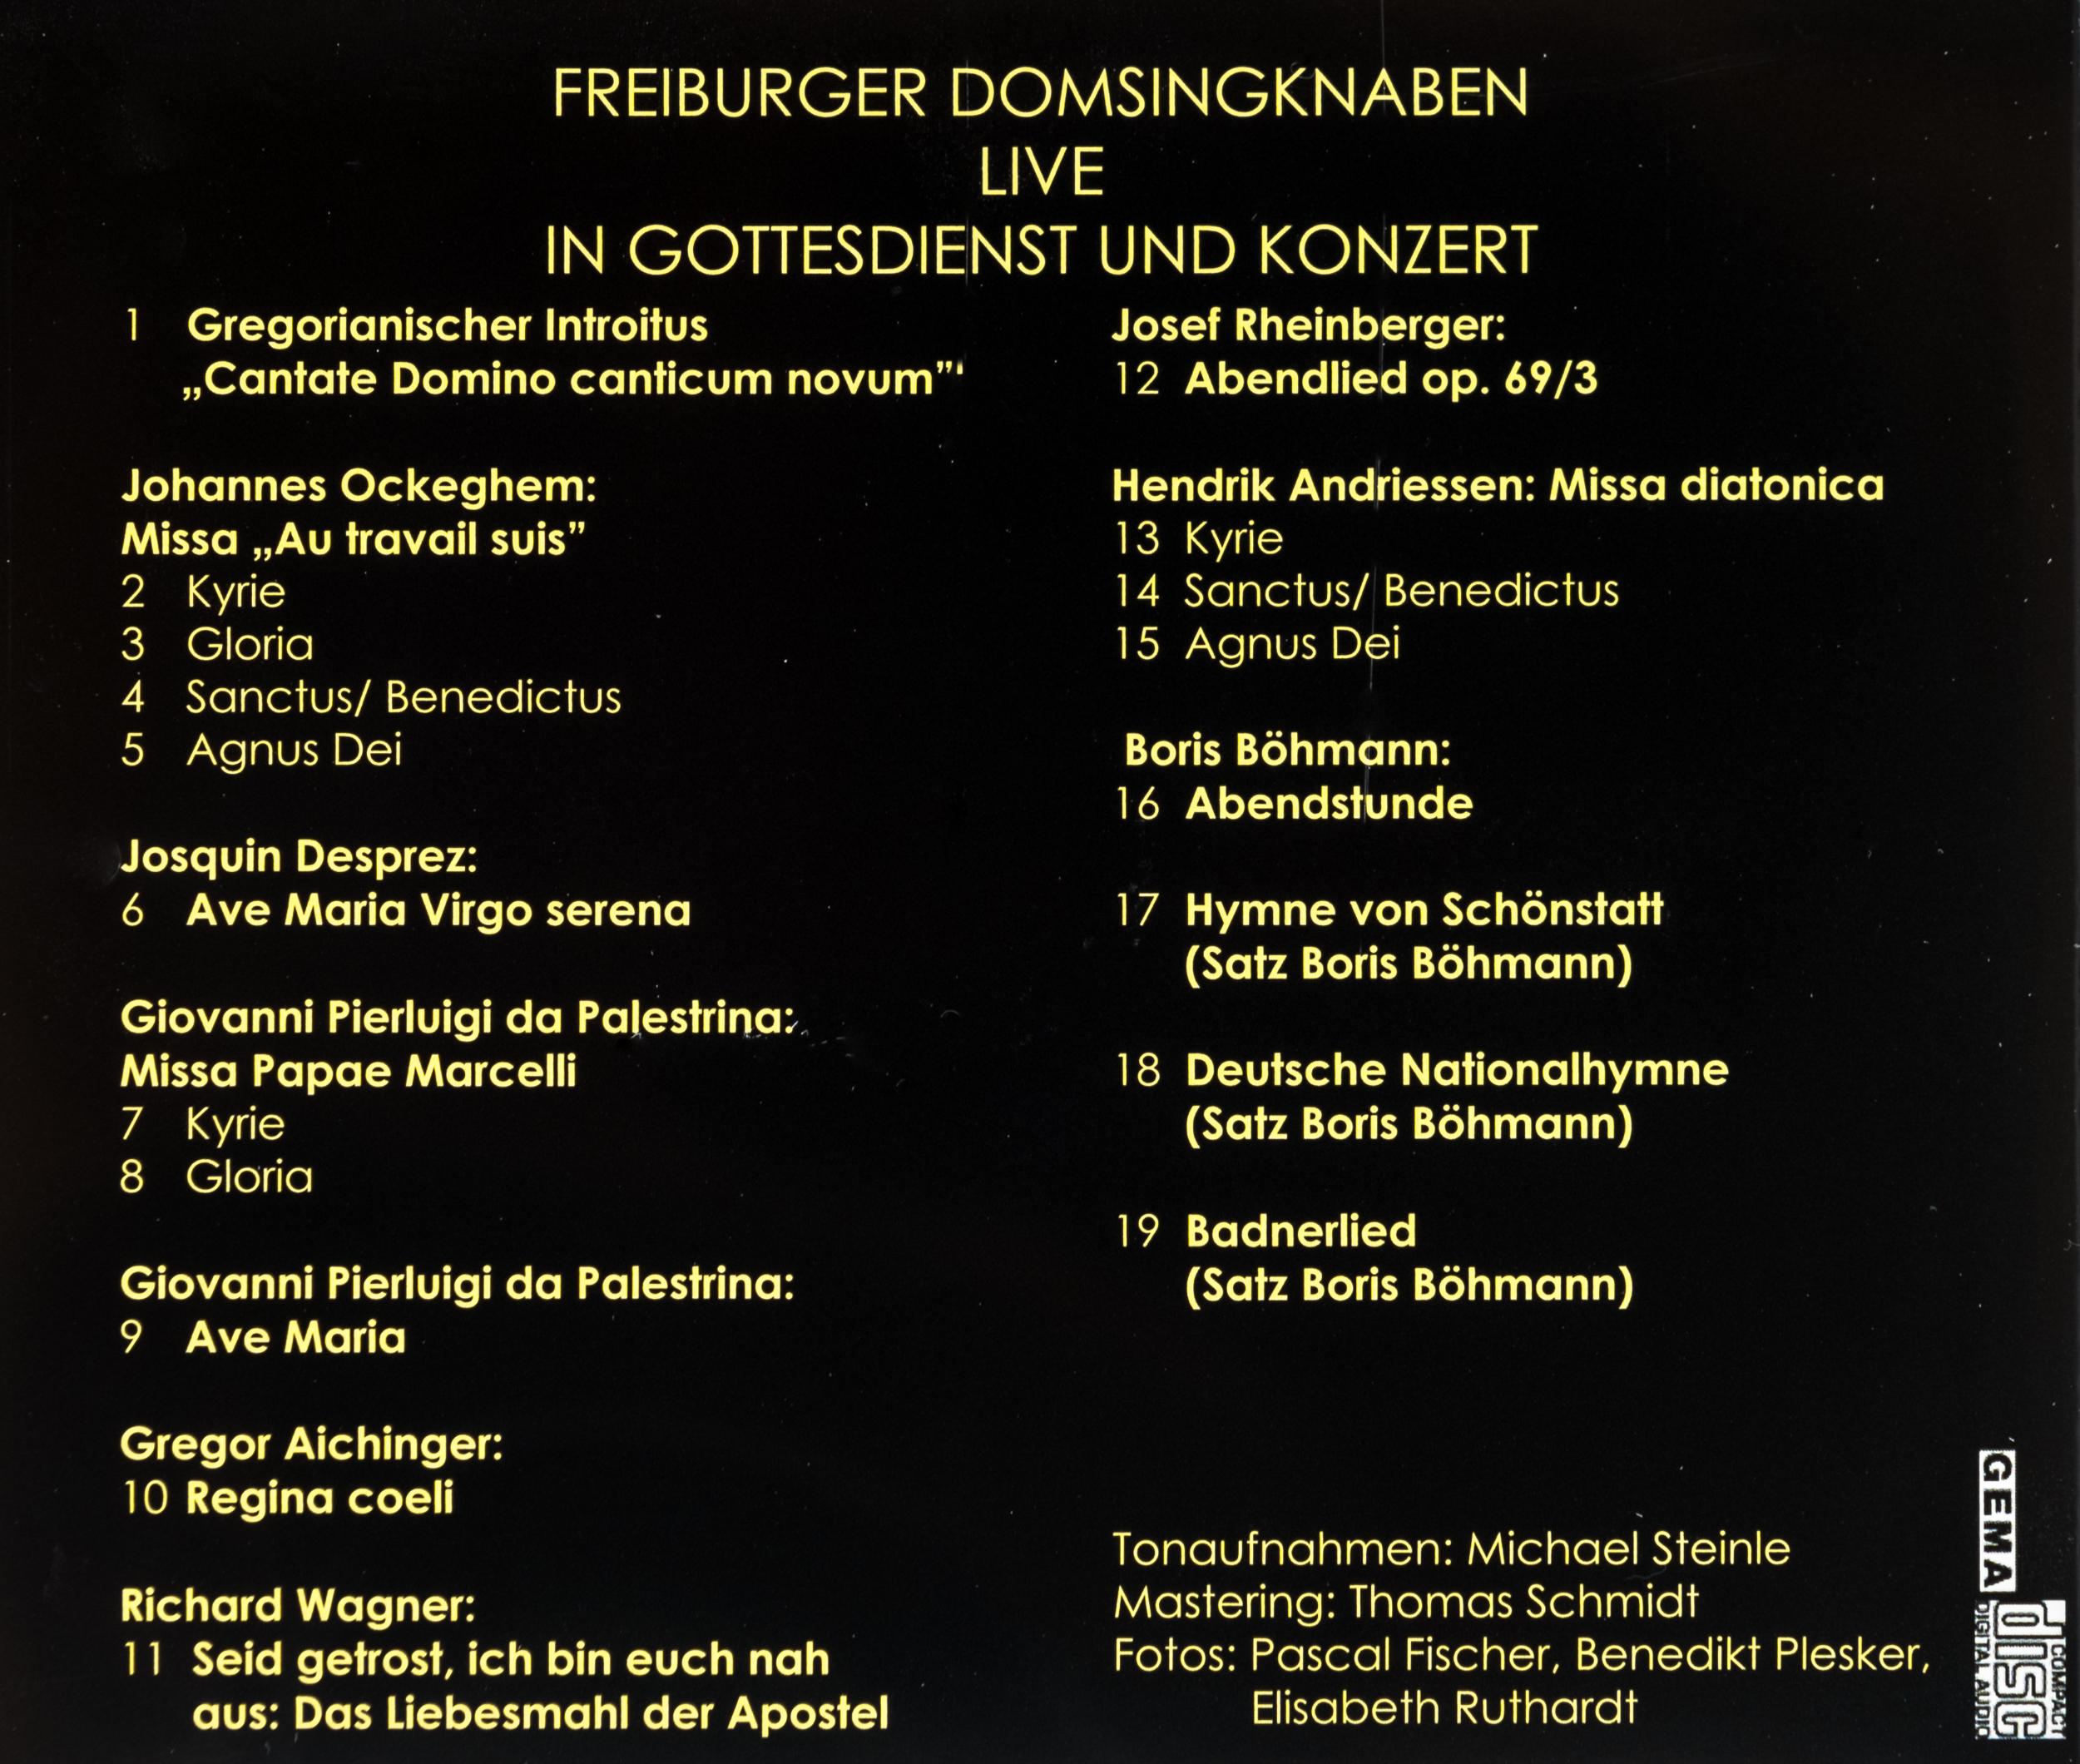 Münsterladen Freiburg Domsingknaben live